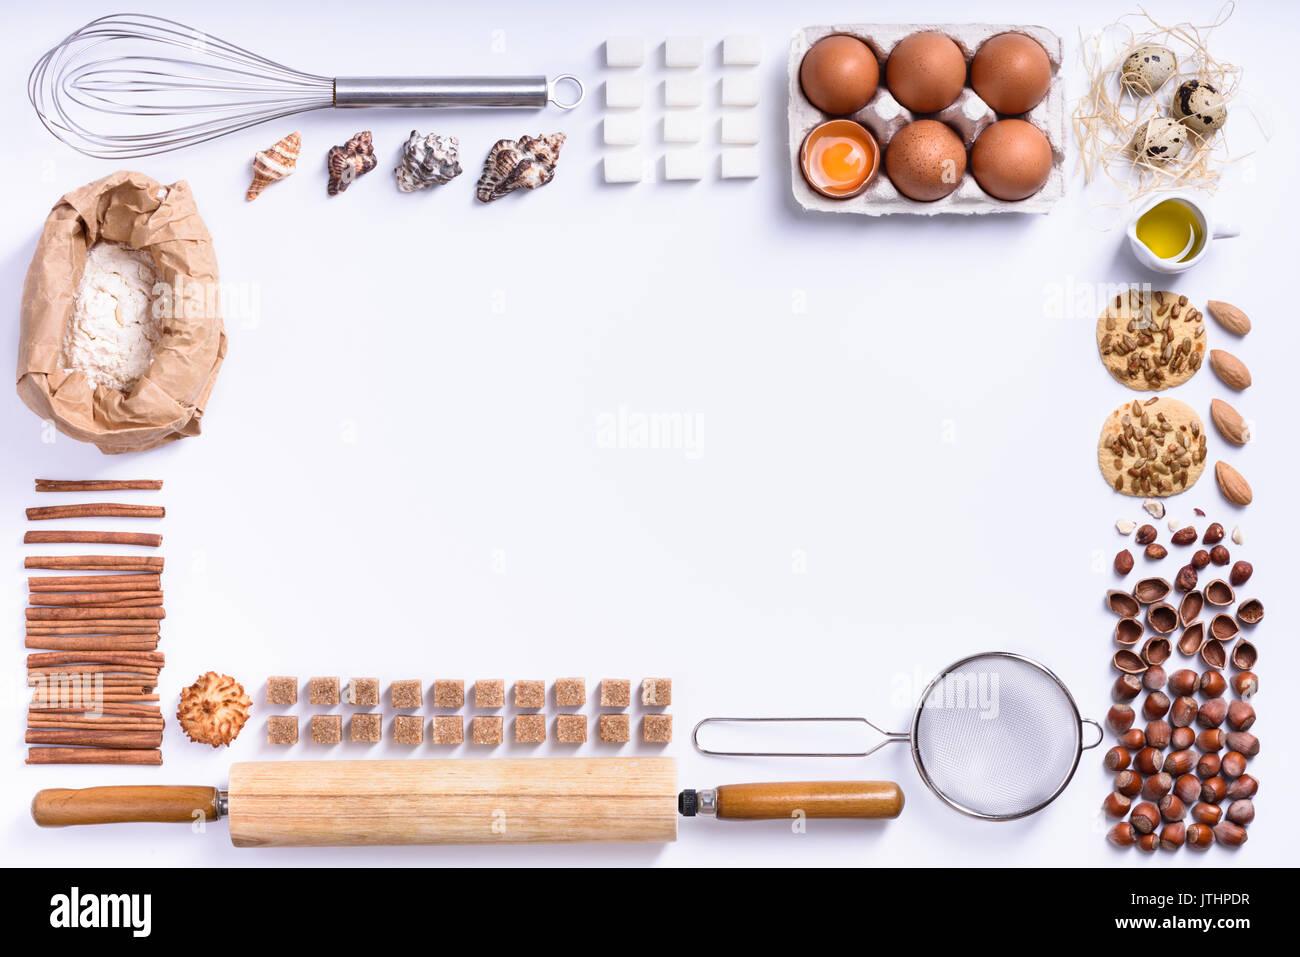 Backen Oder Kochen Hintergrund Rahmen Zutaten Kuchenutensilien Zum